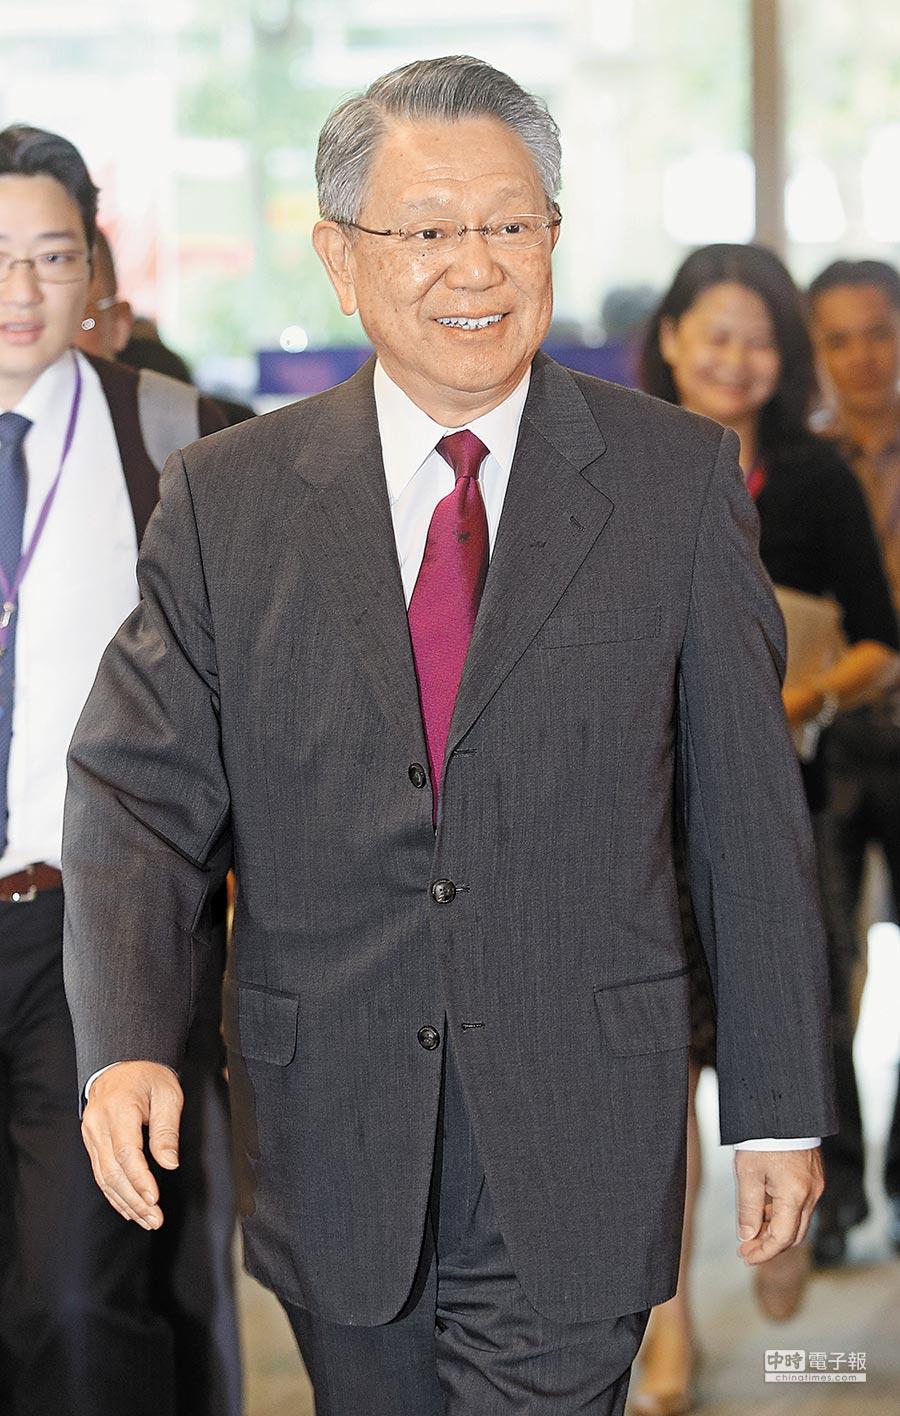 前國民黨副主席、現任國光生技董事長詹啟賢。(本報資料照片)